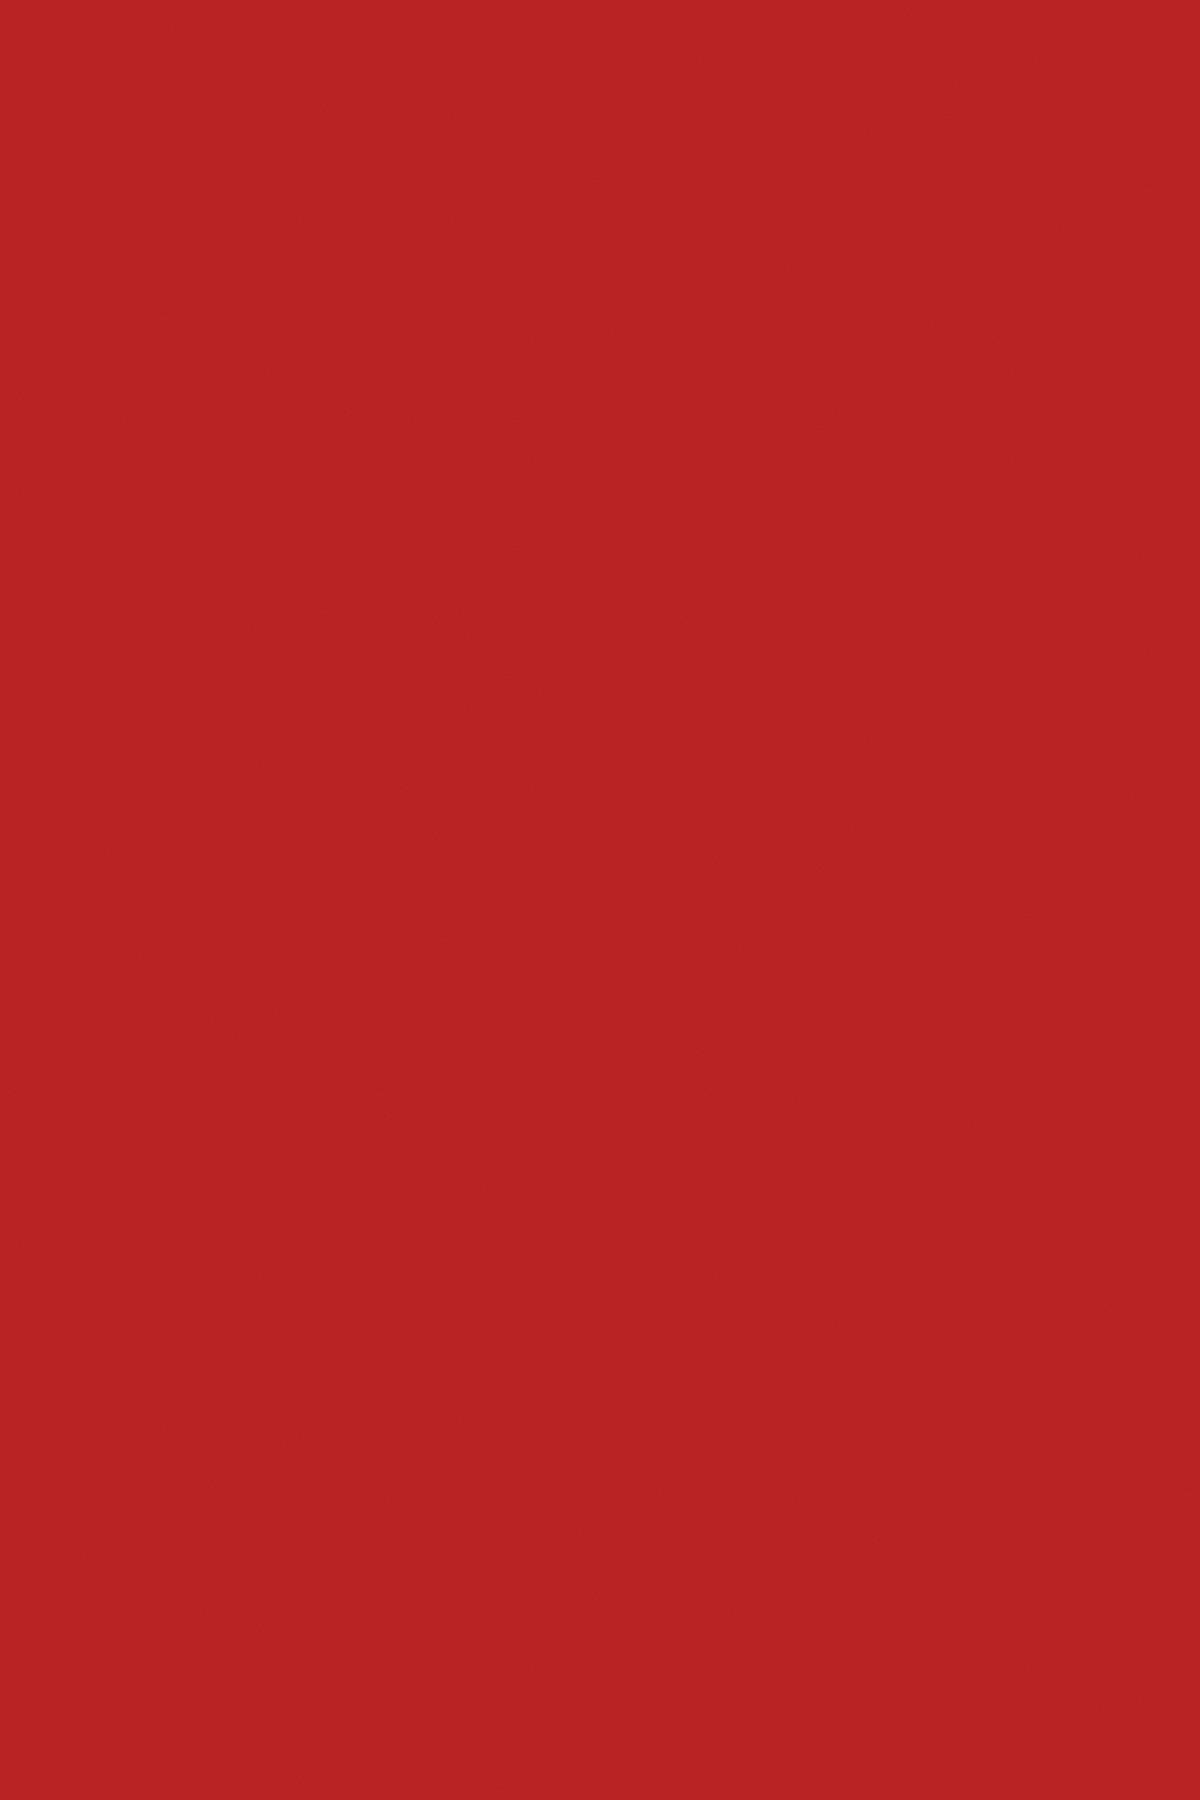 Червоний 0149 BS